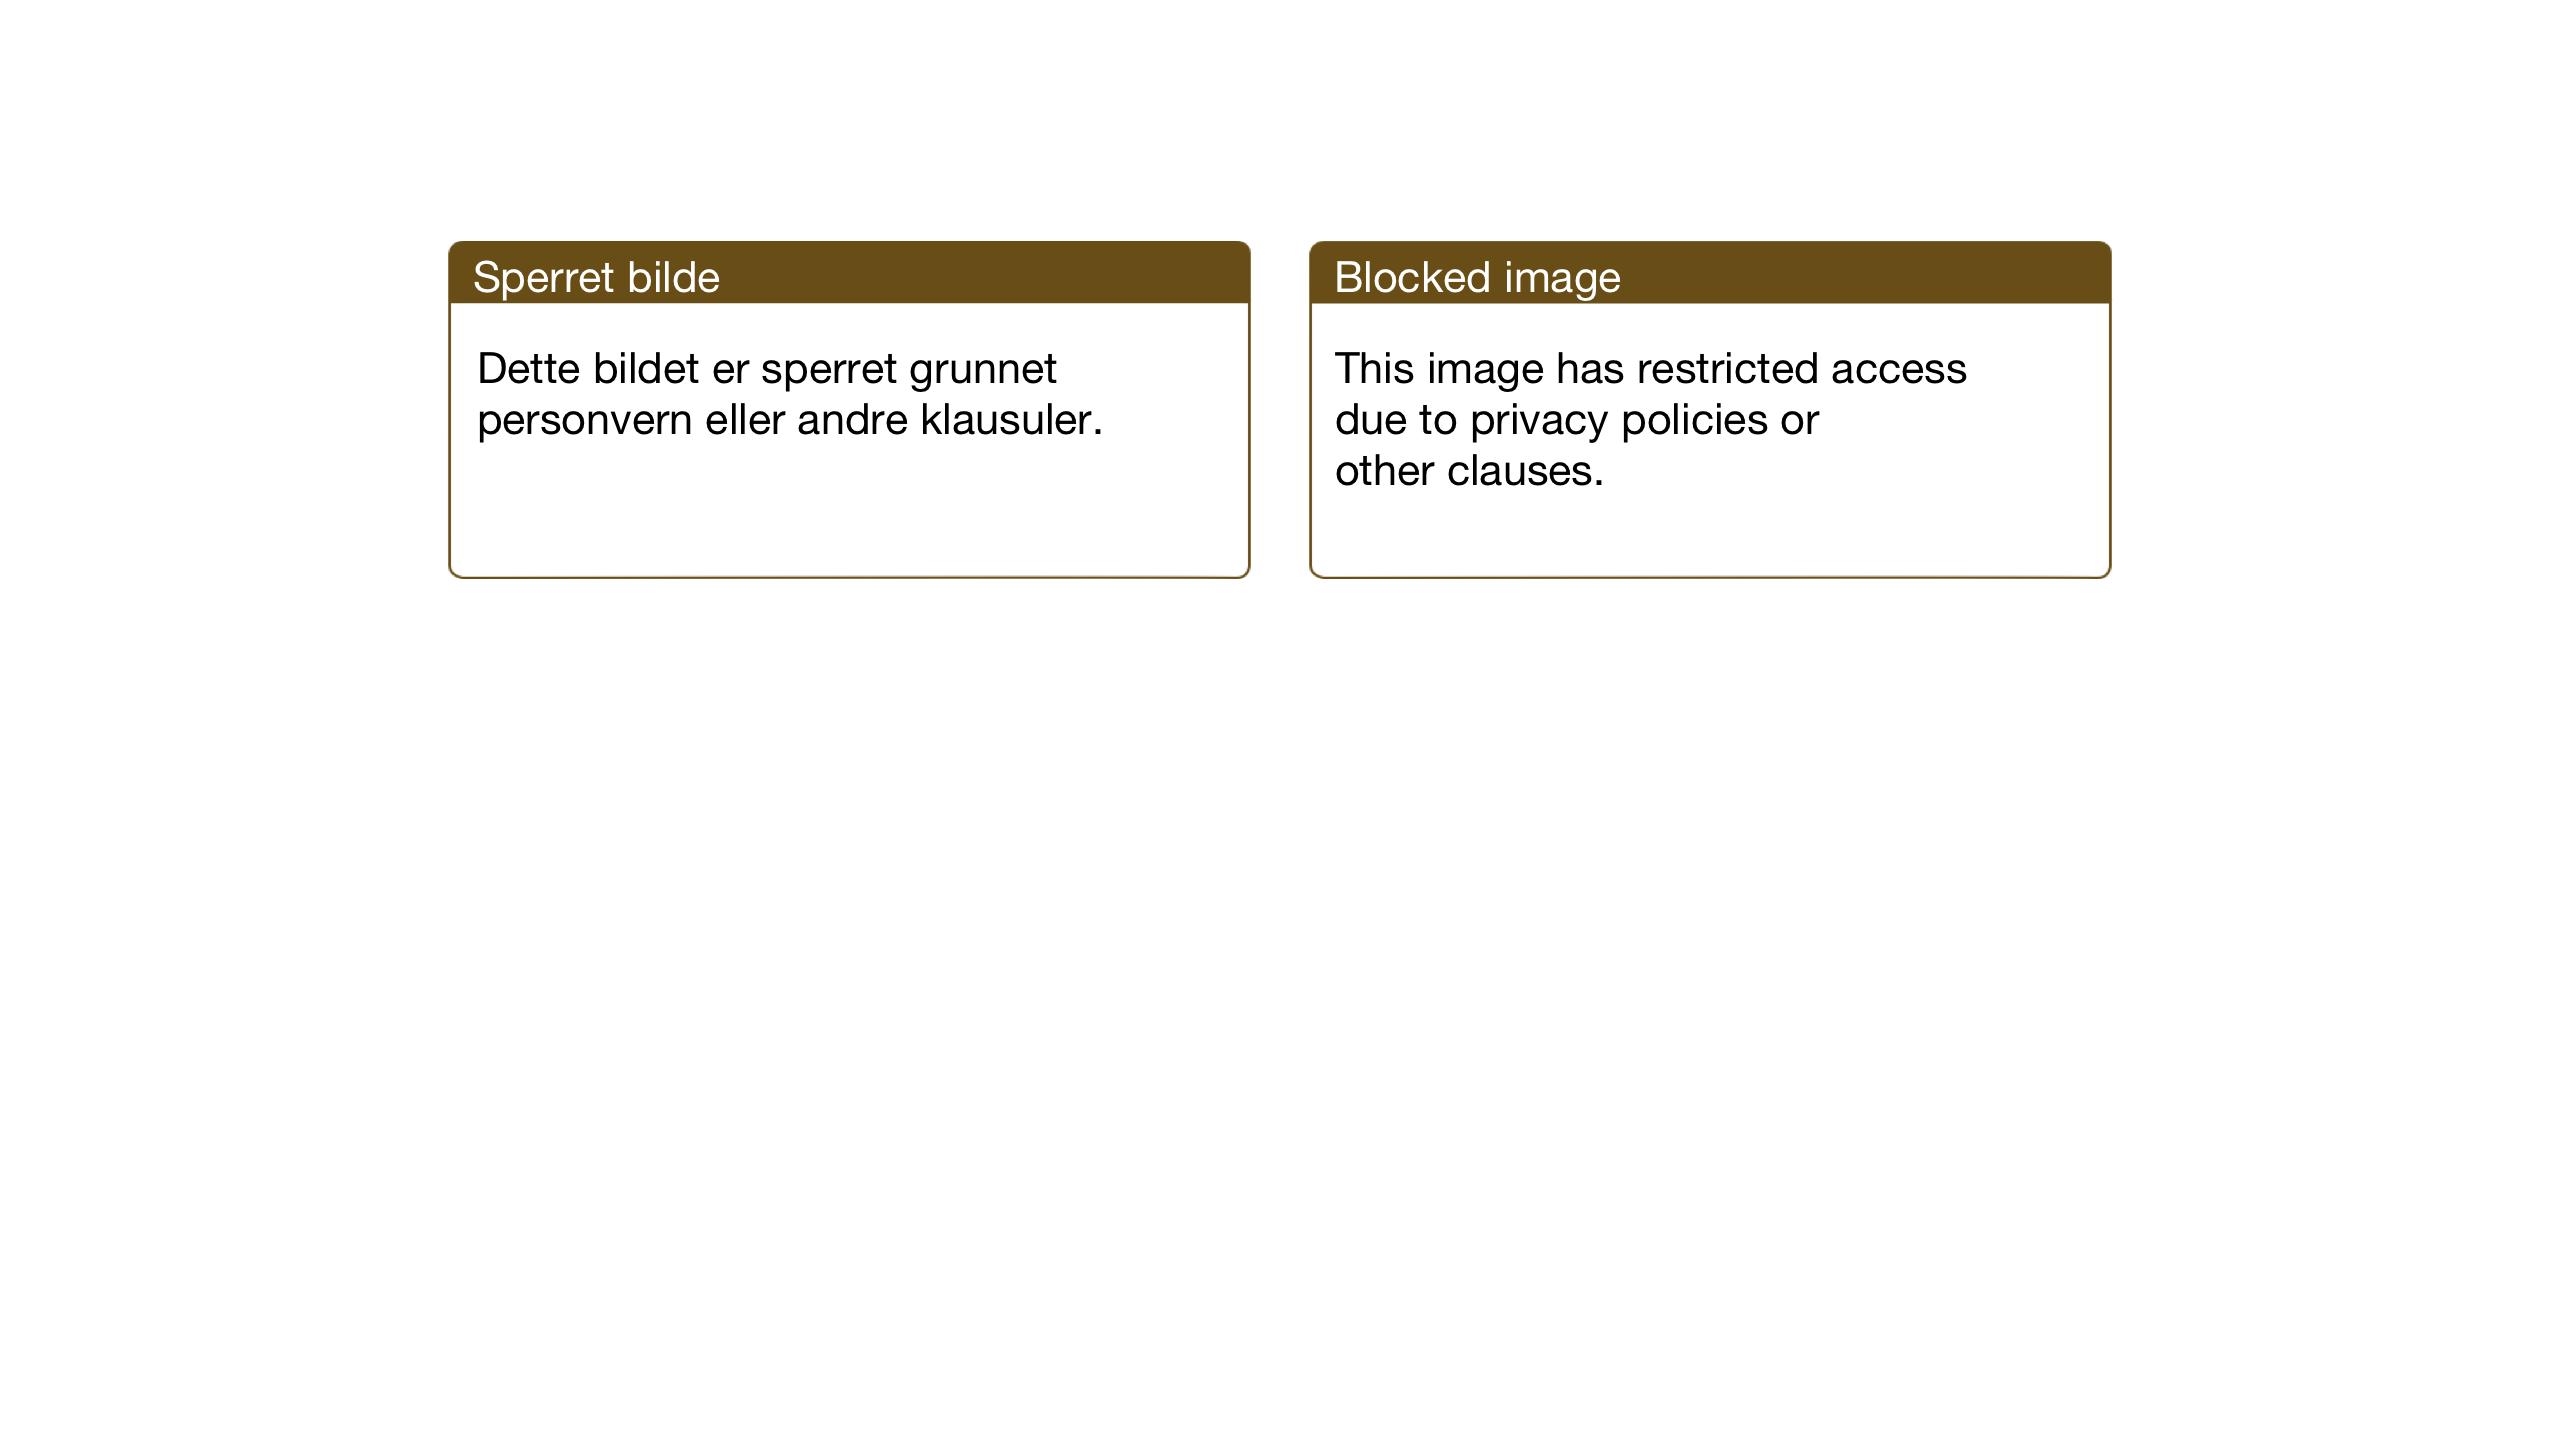 SAT, Ministerialprotokoller, klokkerbøker og fødselsregistre - Nord-Trøndelag, 748/L0465: Klokkerbok nr. 748C01, 1908-1960, s. 71